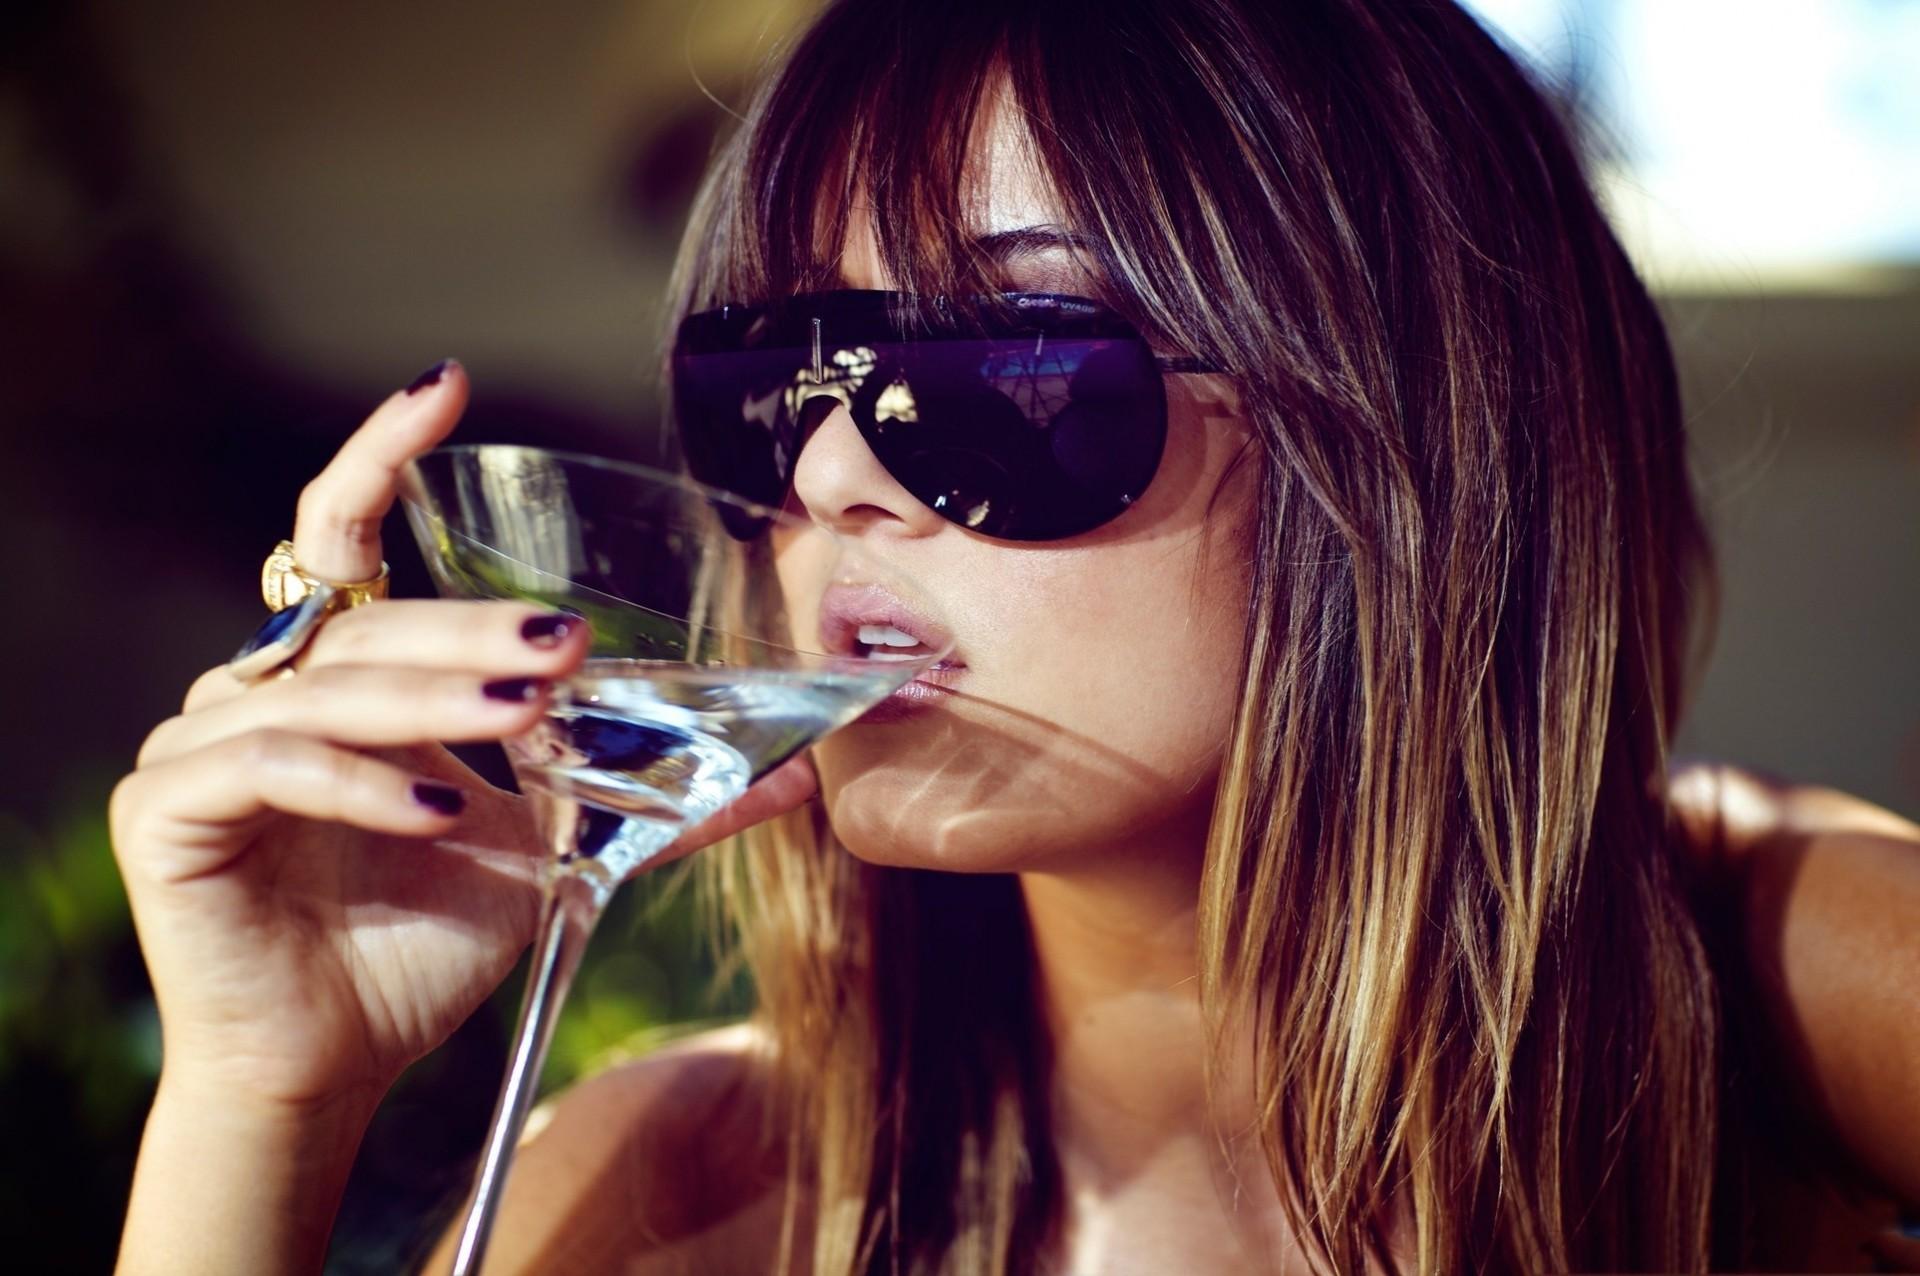 фотки с вином на аву заверили